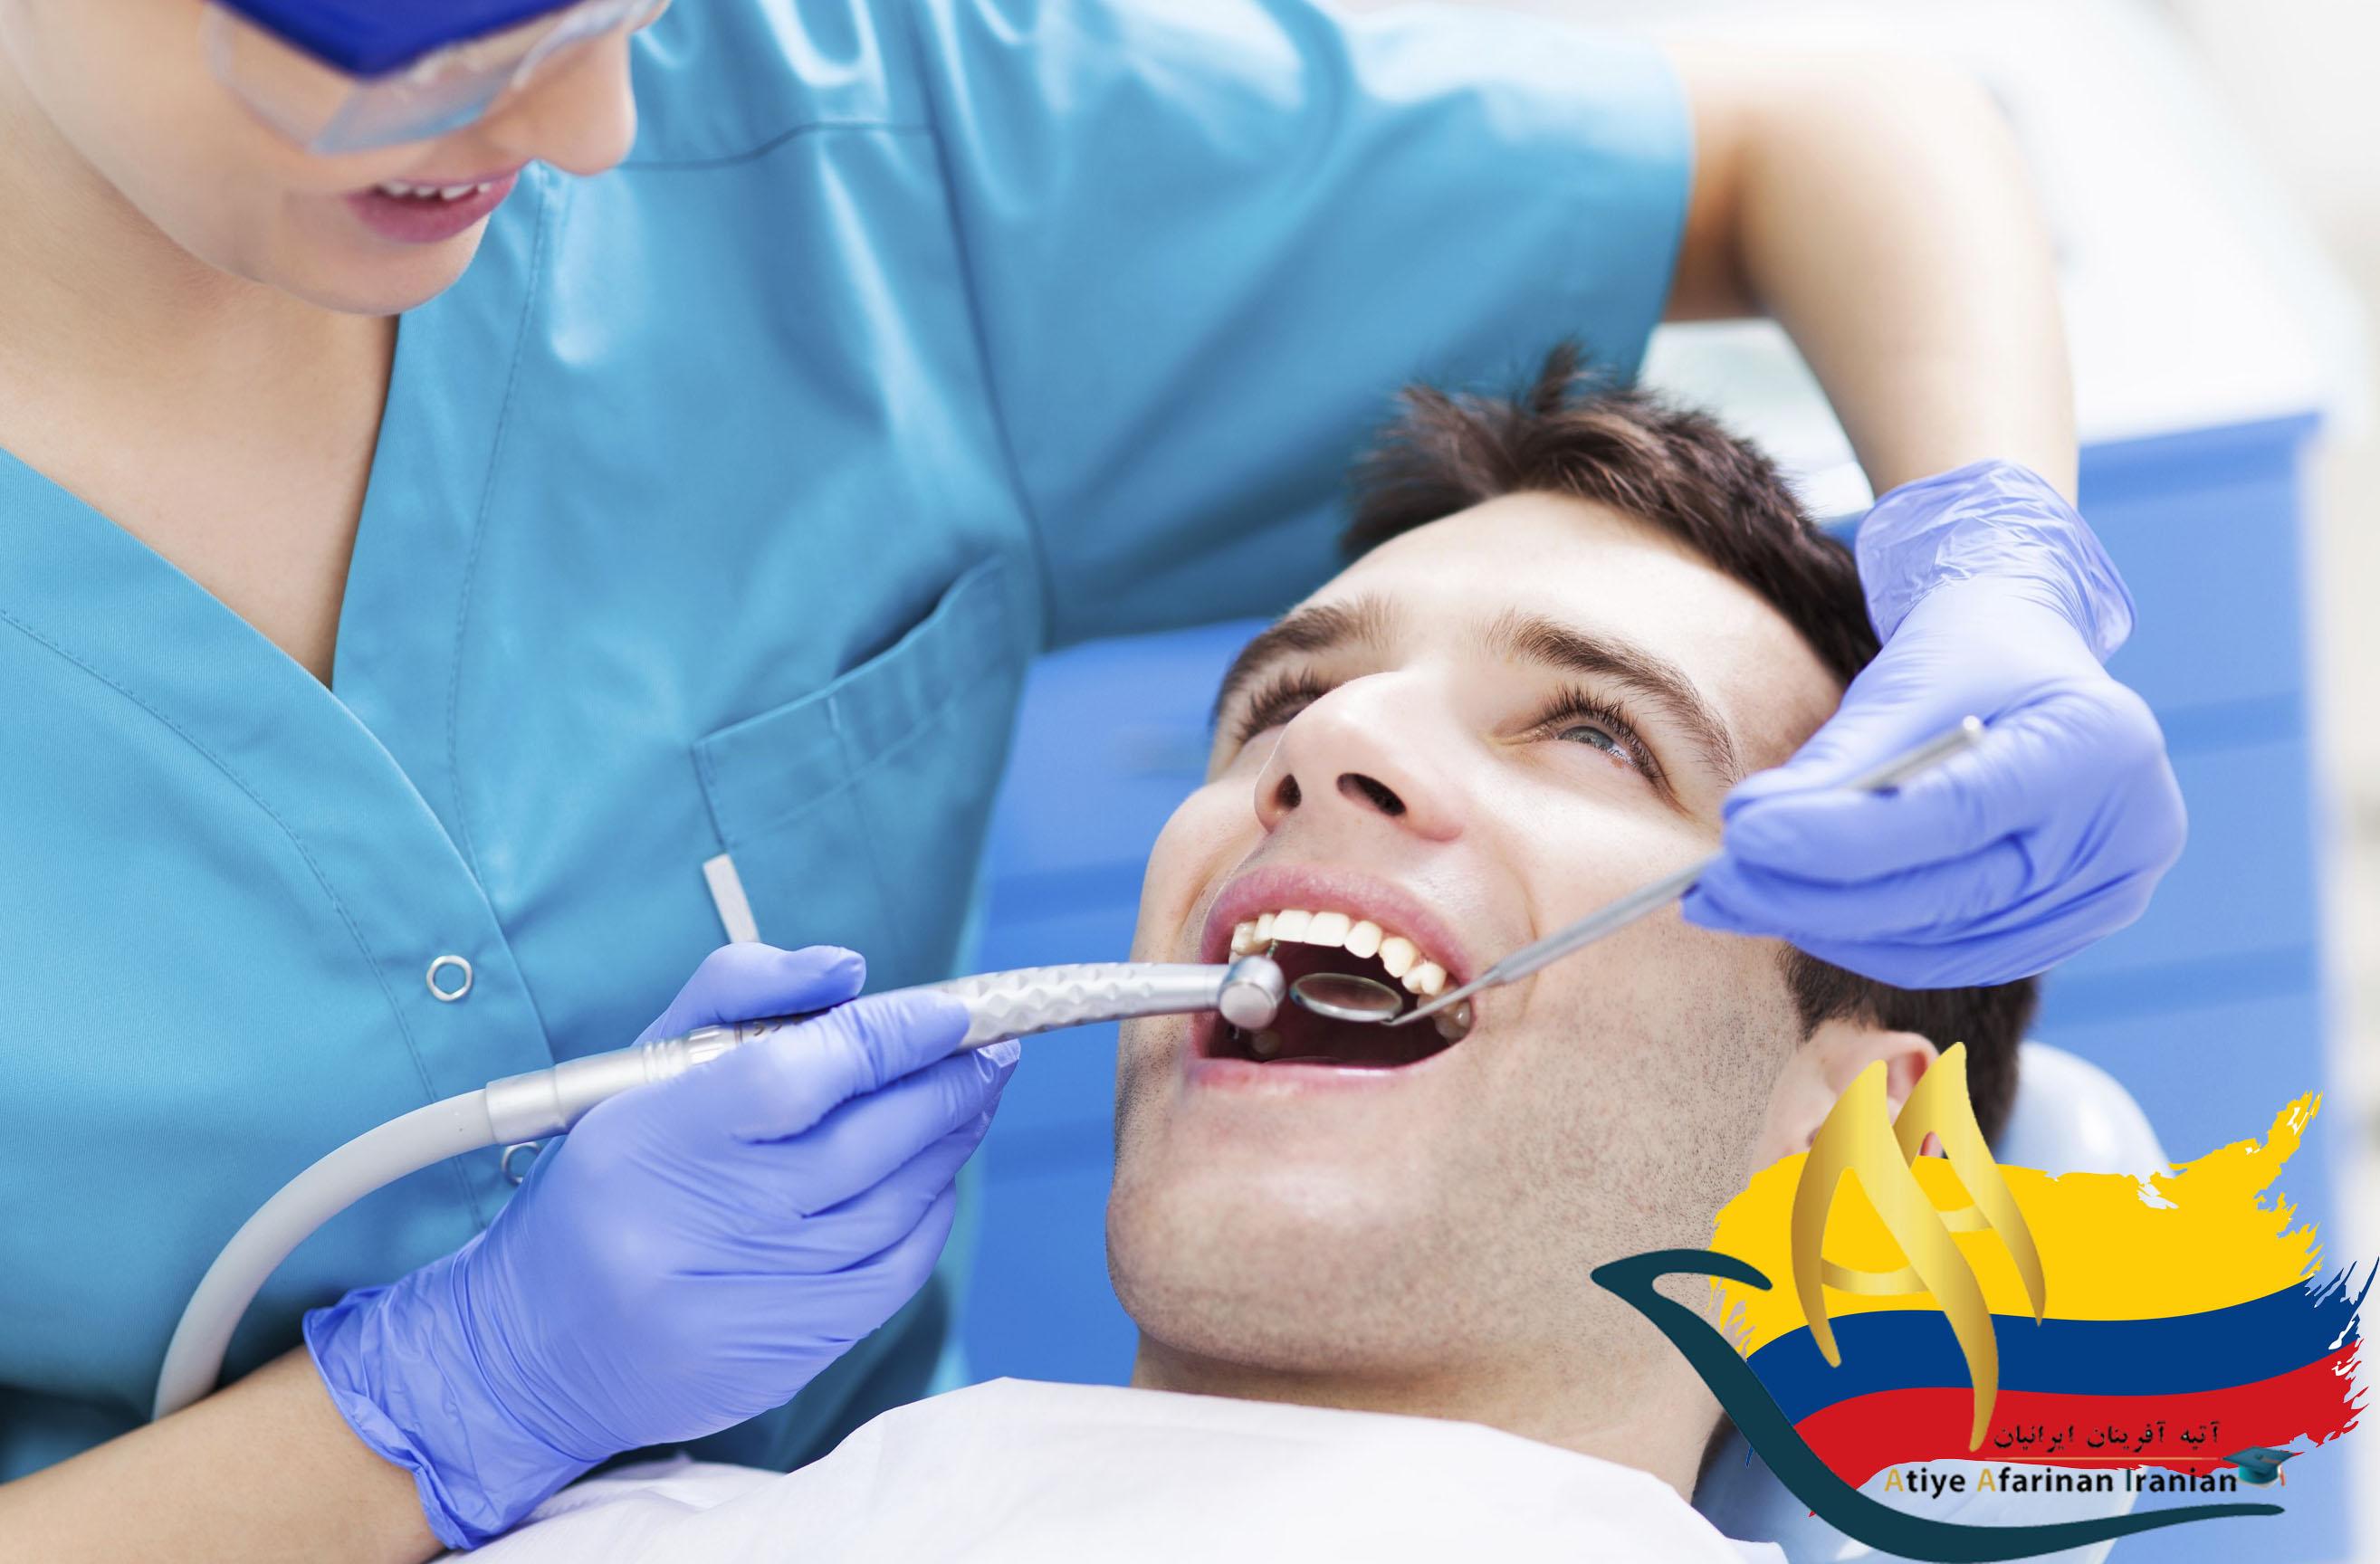 تحصیل دندانپزشکی در کلمبیا